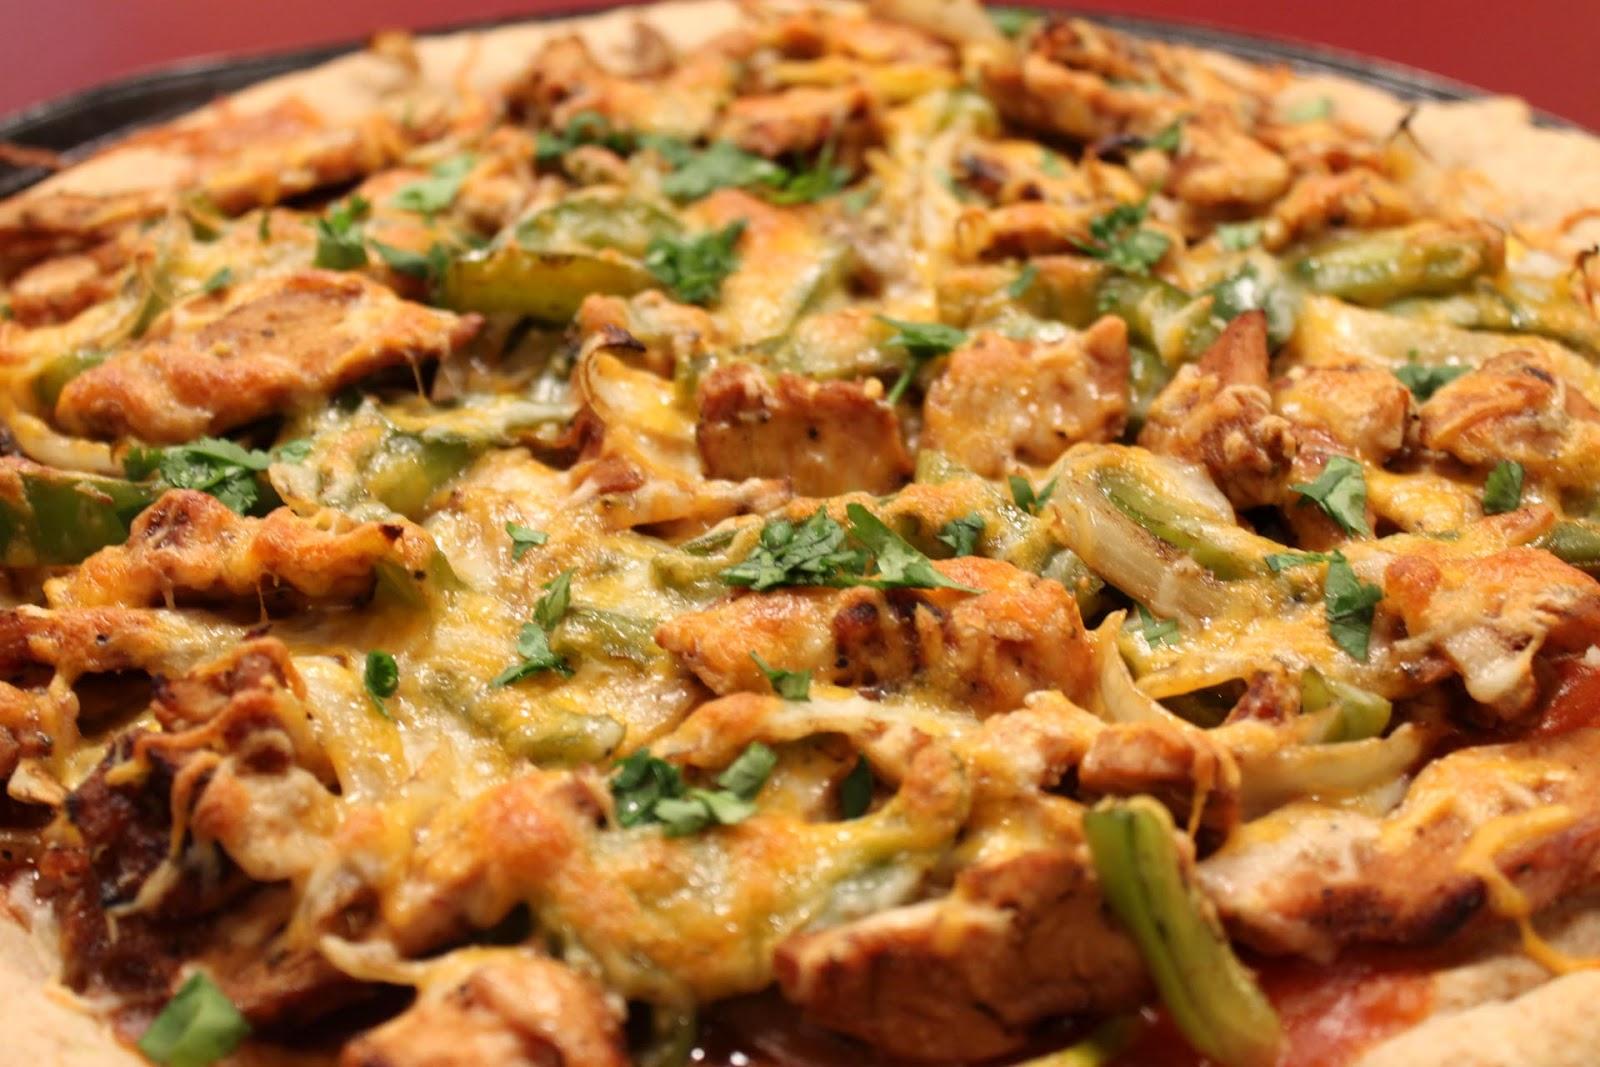 Imitation by Design: Chicken Fajita Pizza